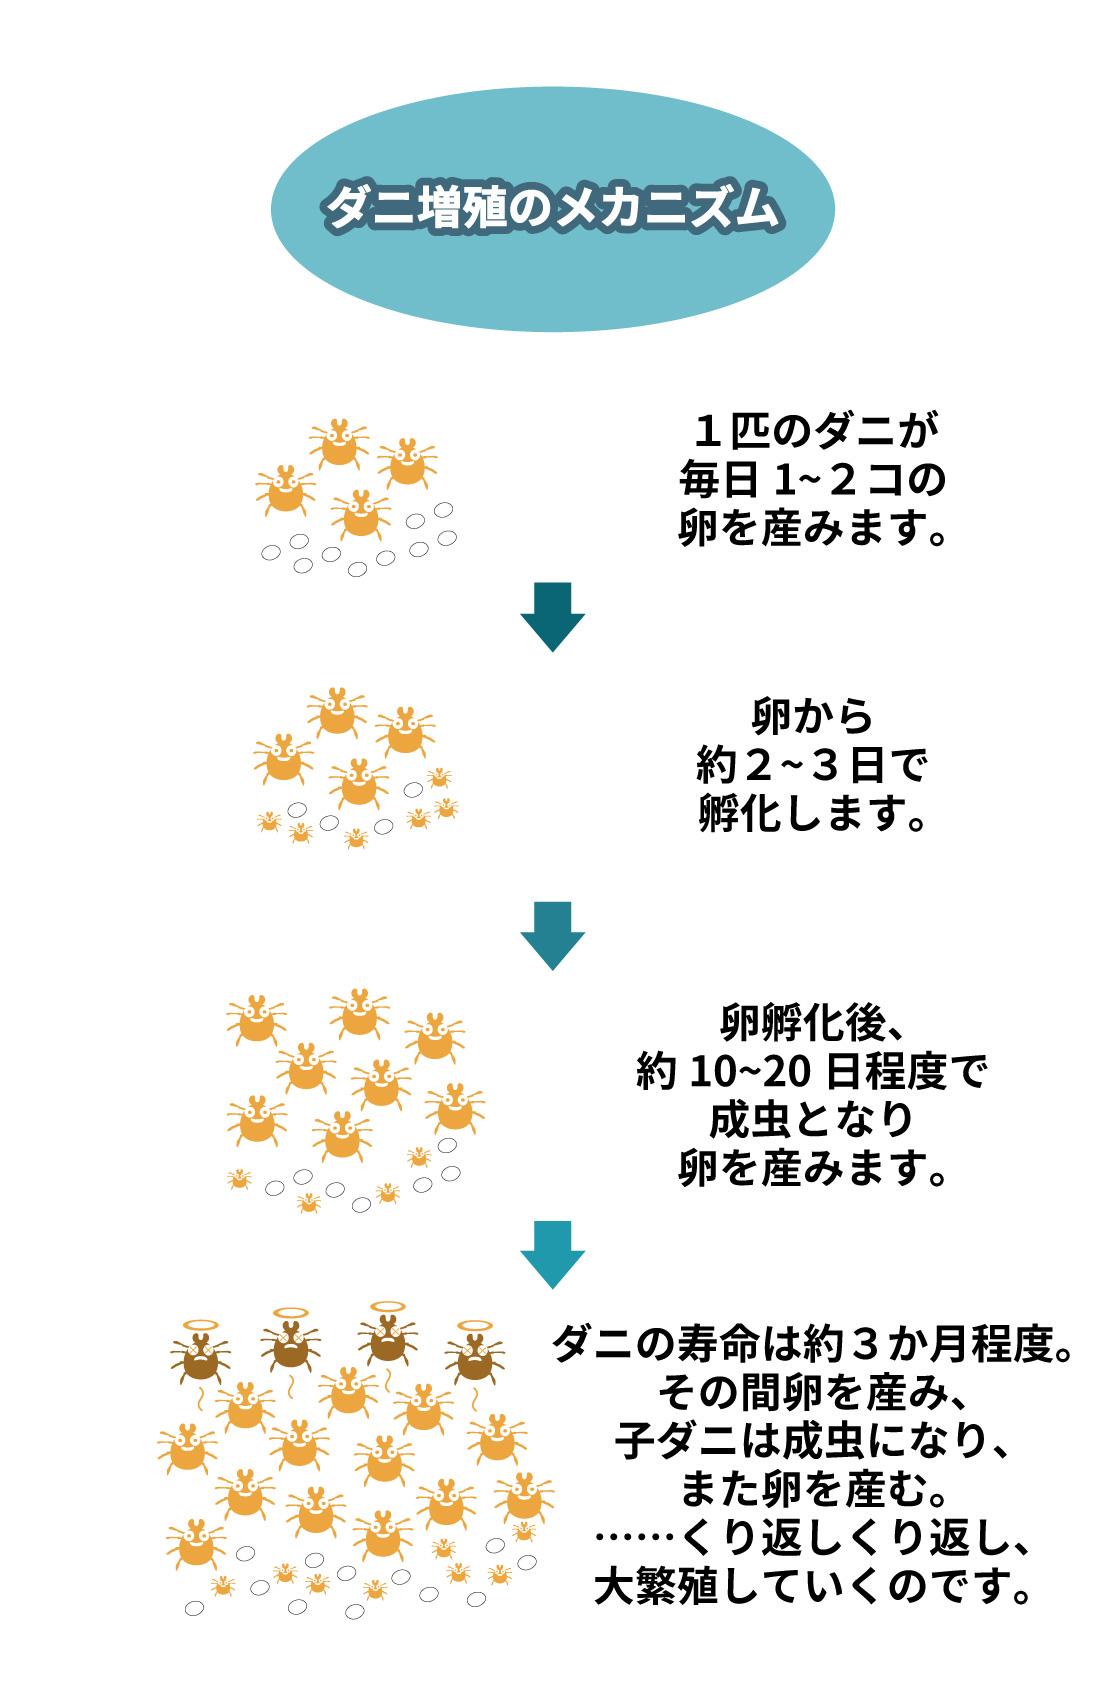 ダニ増殖のメカニズム